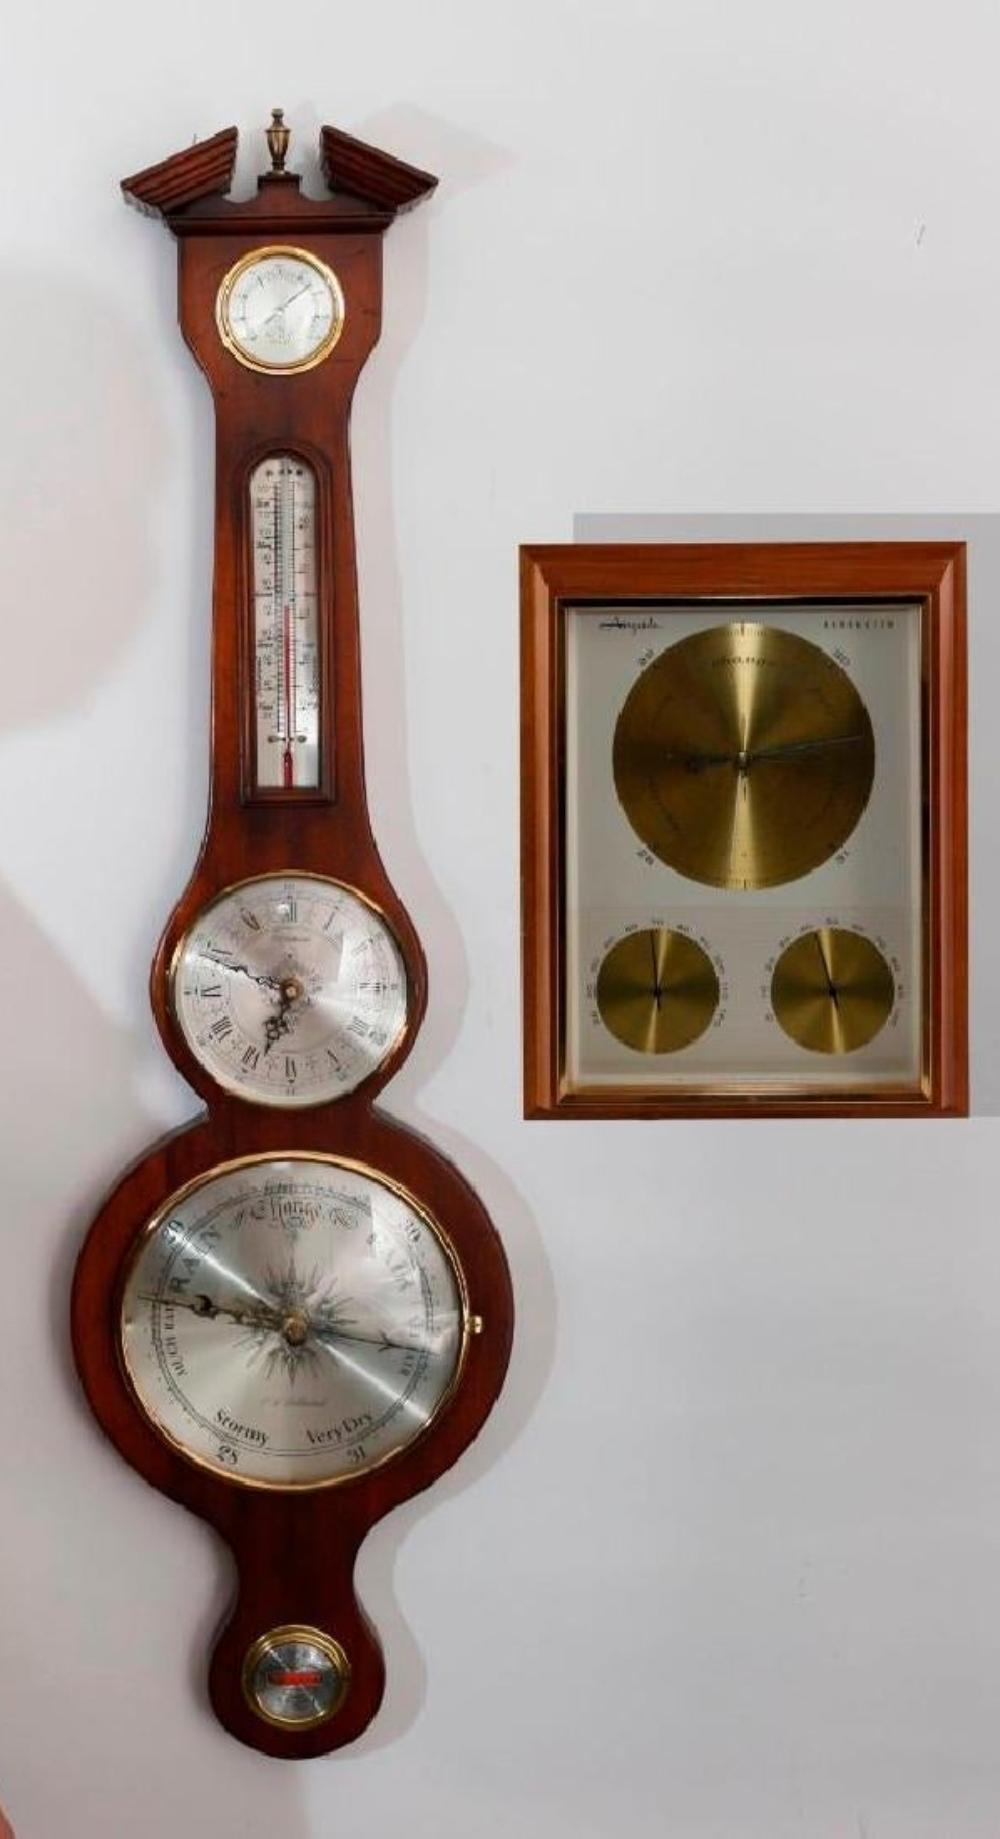 Bollenbach Mahogany Wall Barometer Clock Thermometer